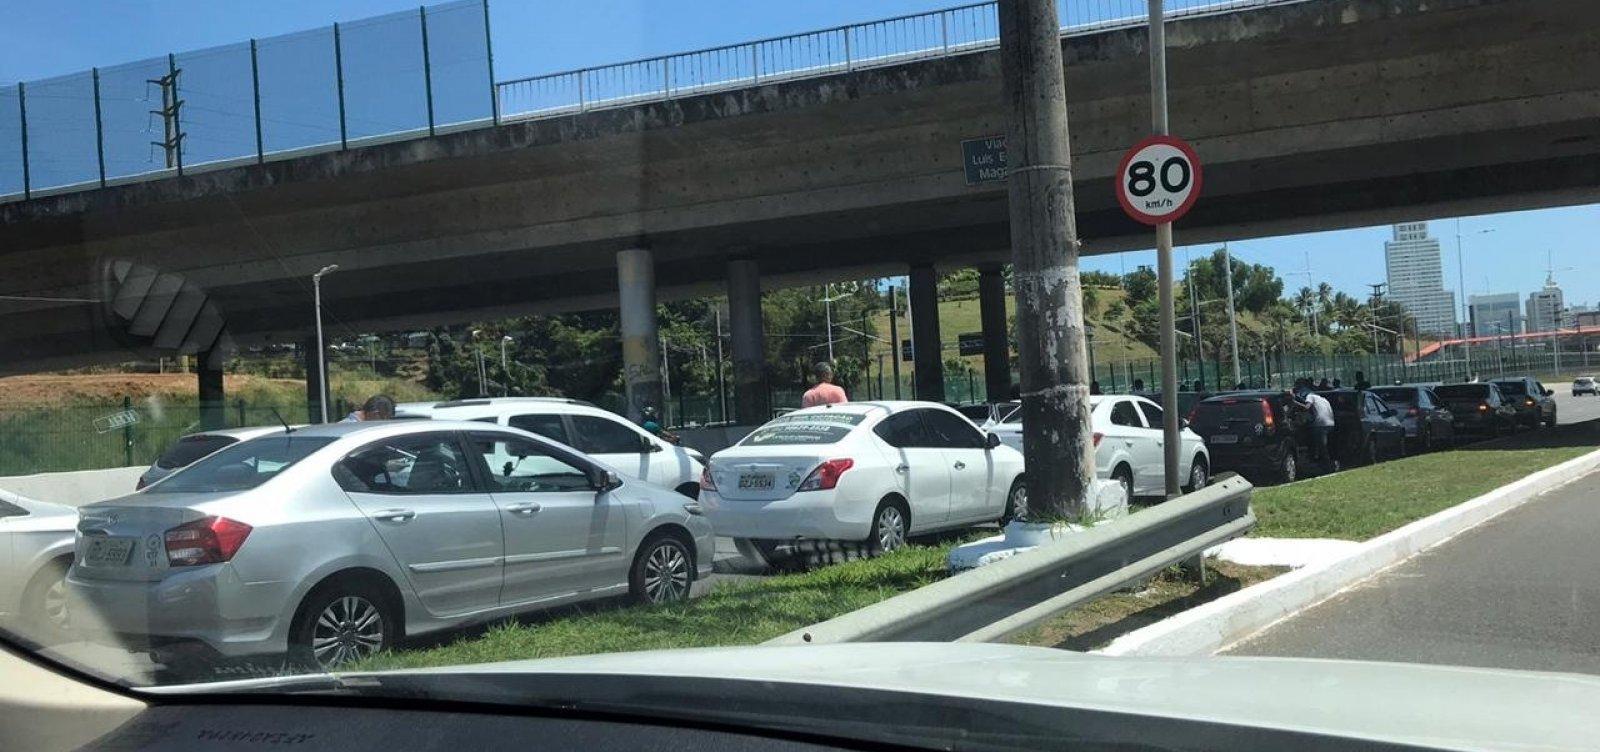 [Carreata de motoristas de aplicativos deixa trânsito lento na Paralela]